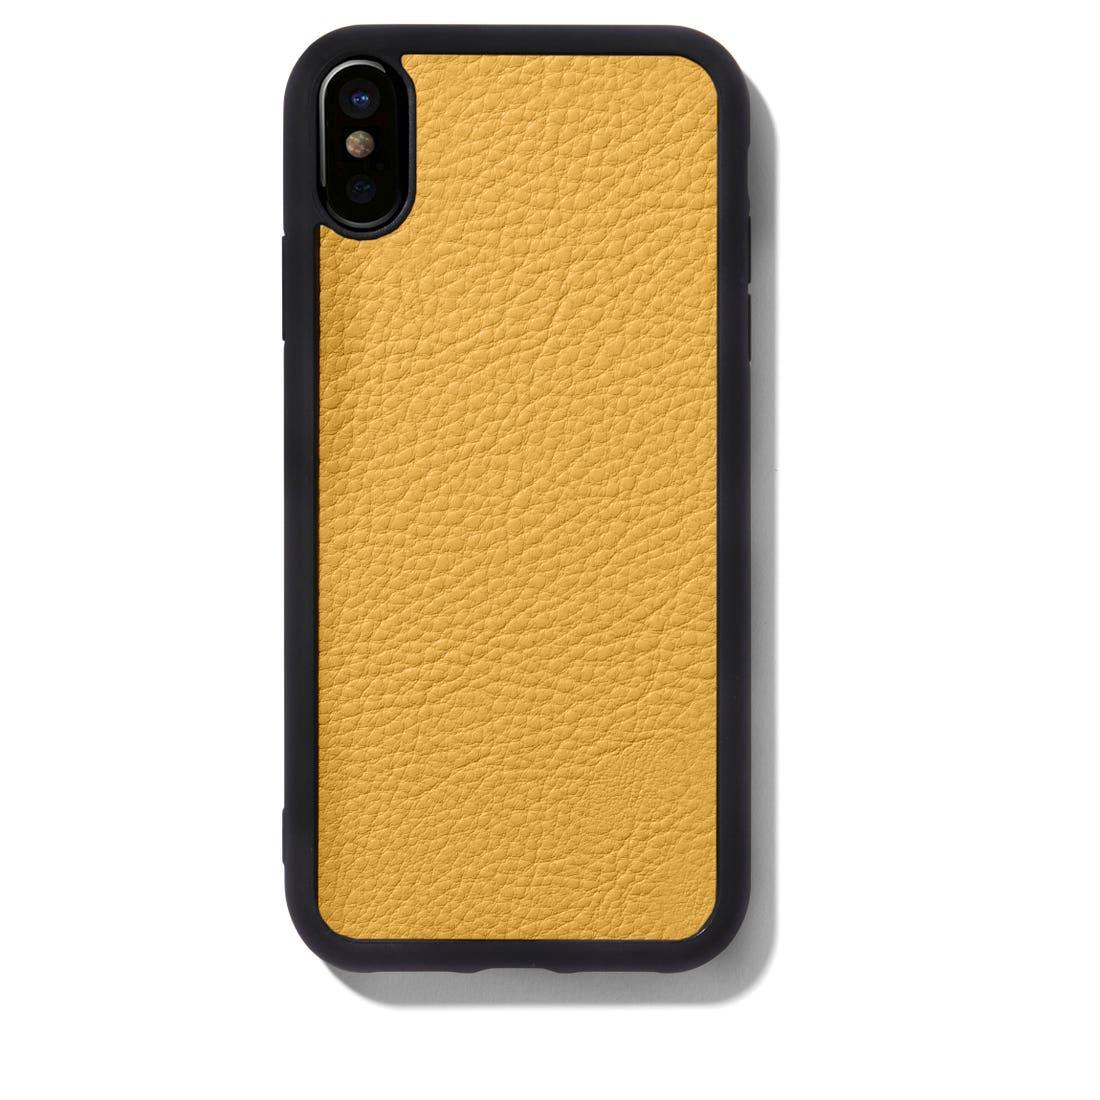 iPhone XS Max Case